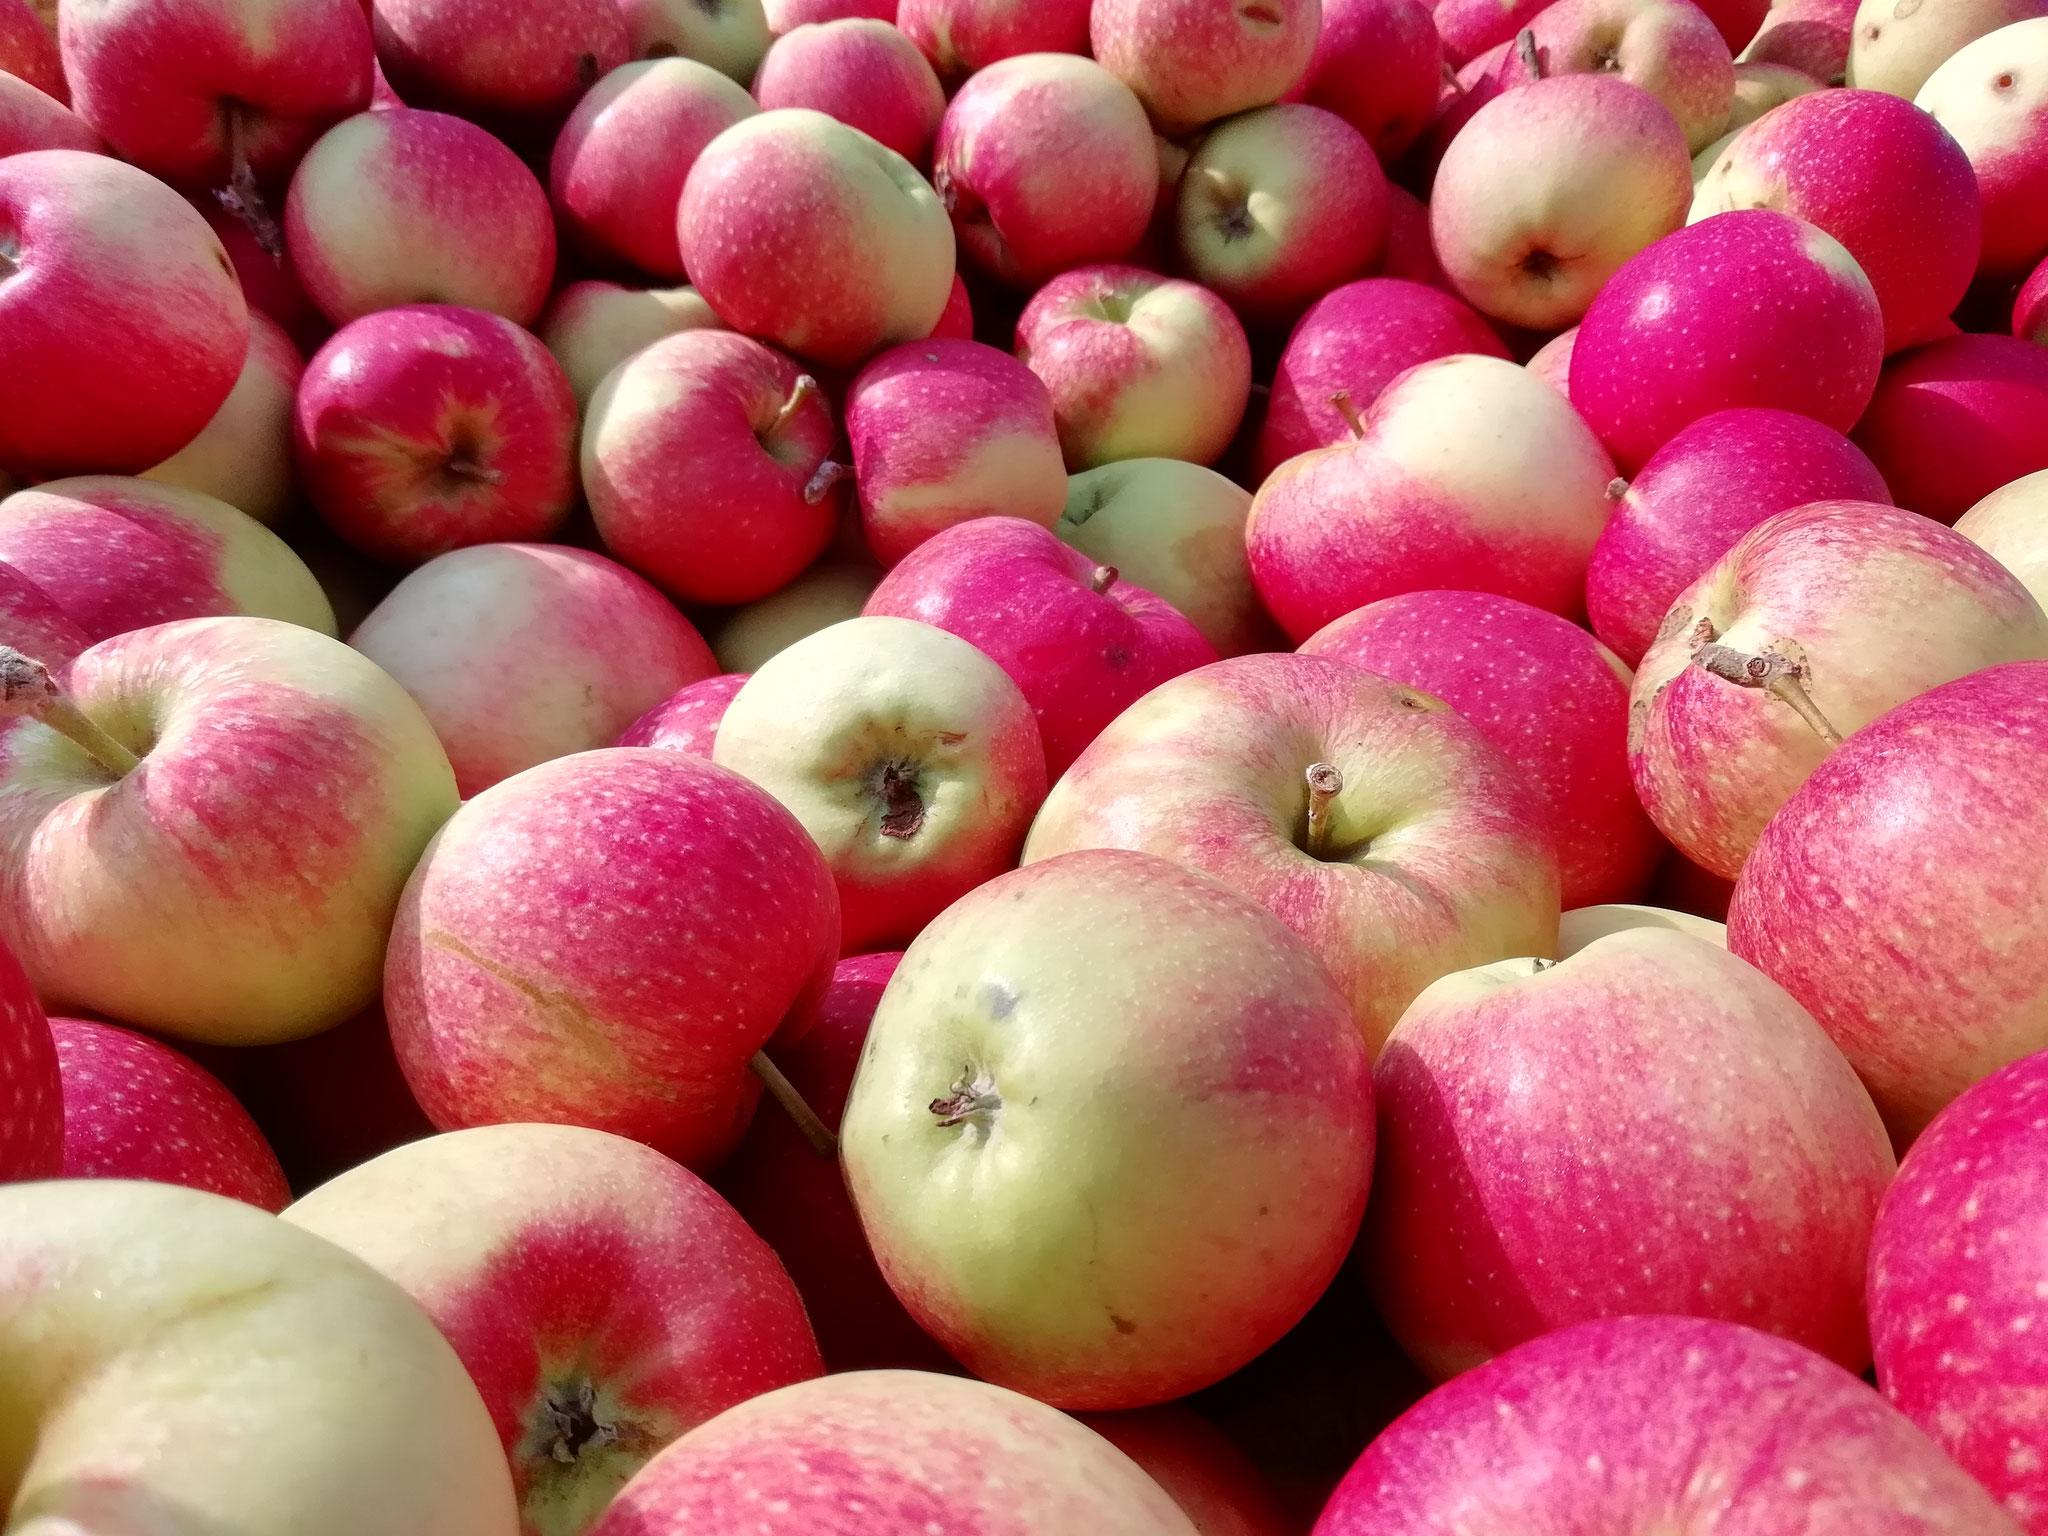 Santana Äpfel direkt bei der Abholung im Alten Land. Lecker!